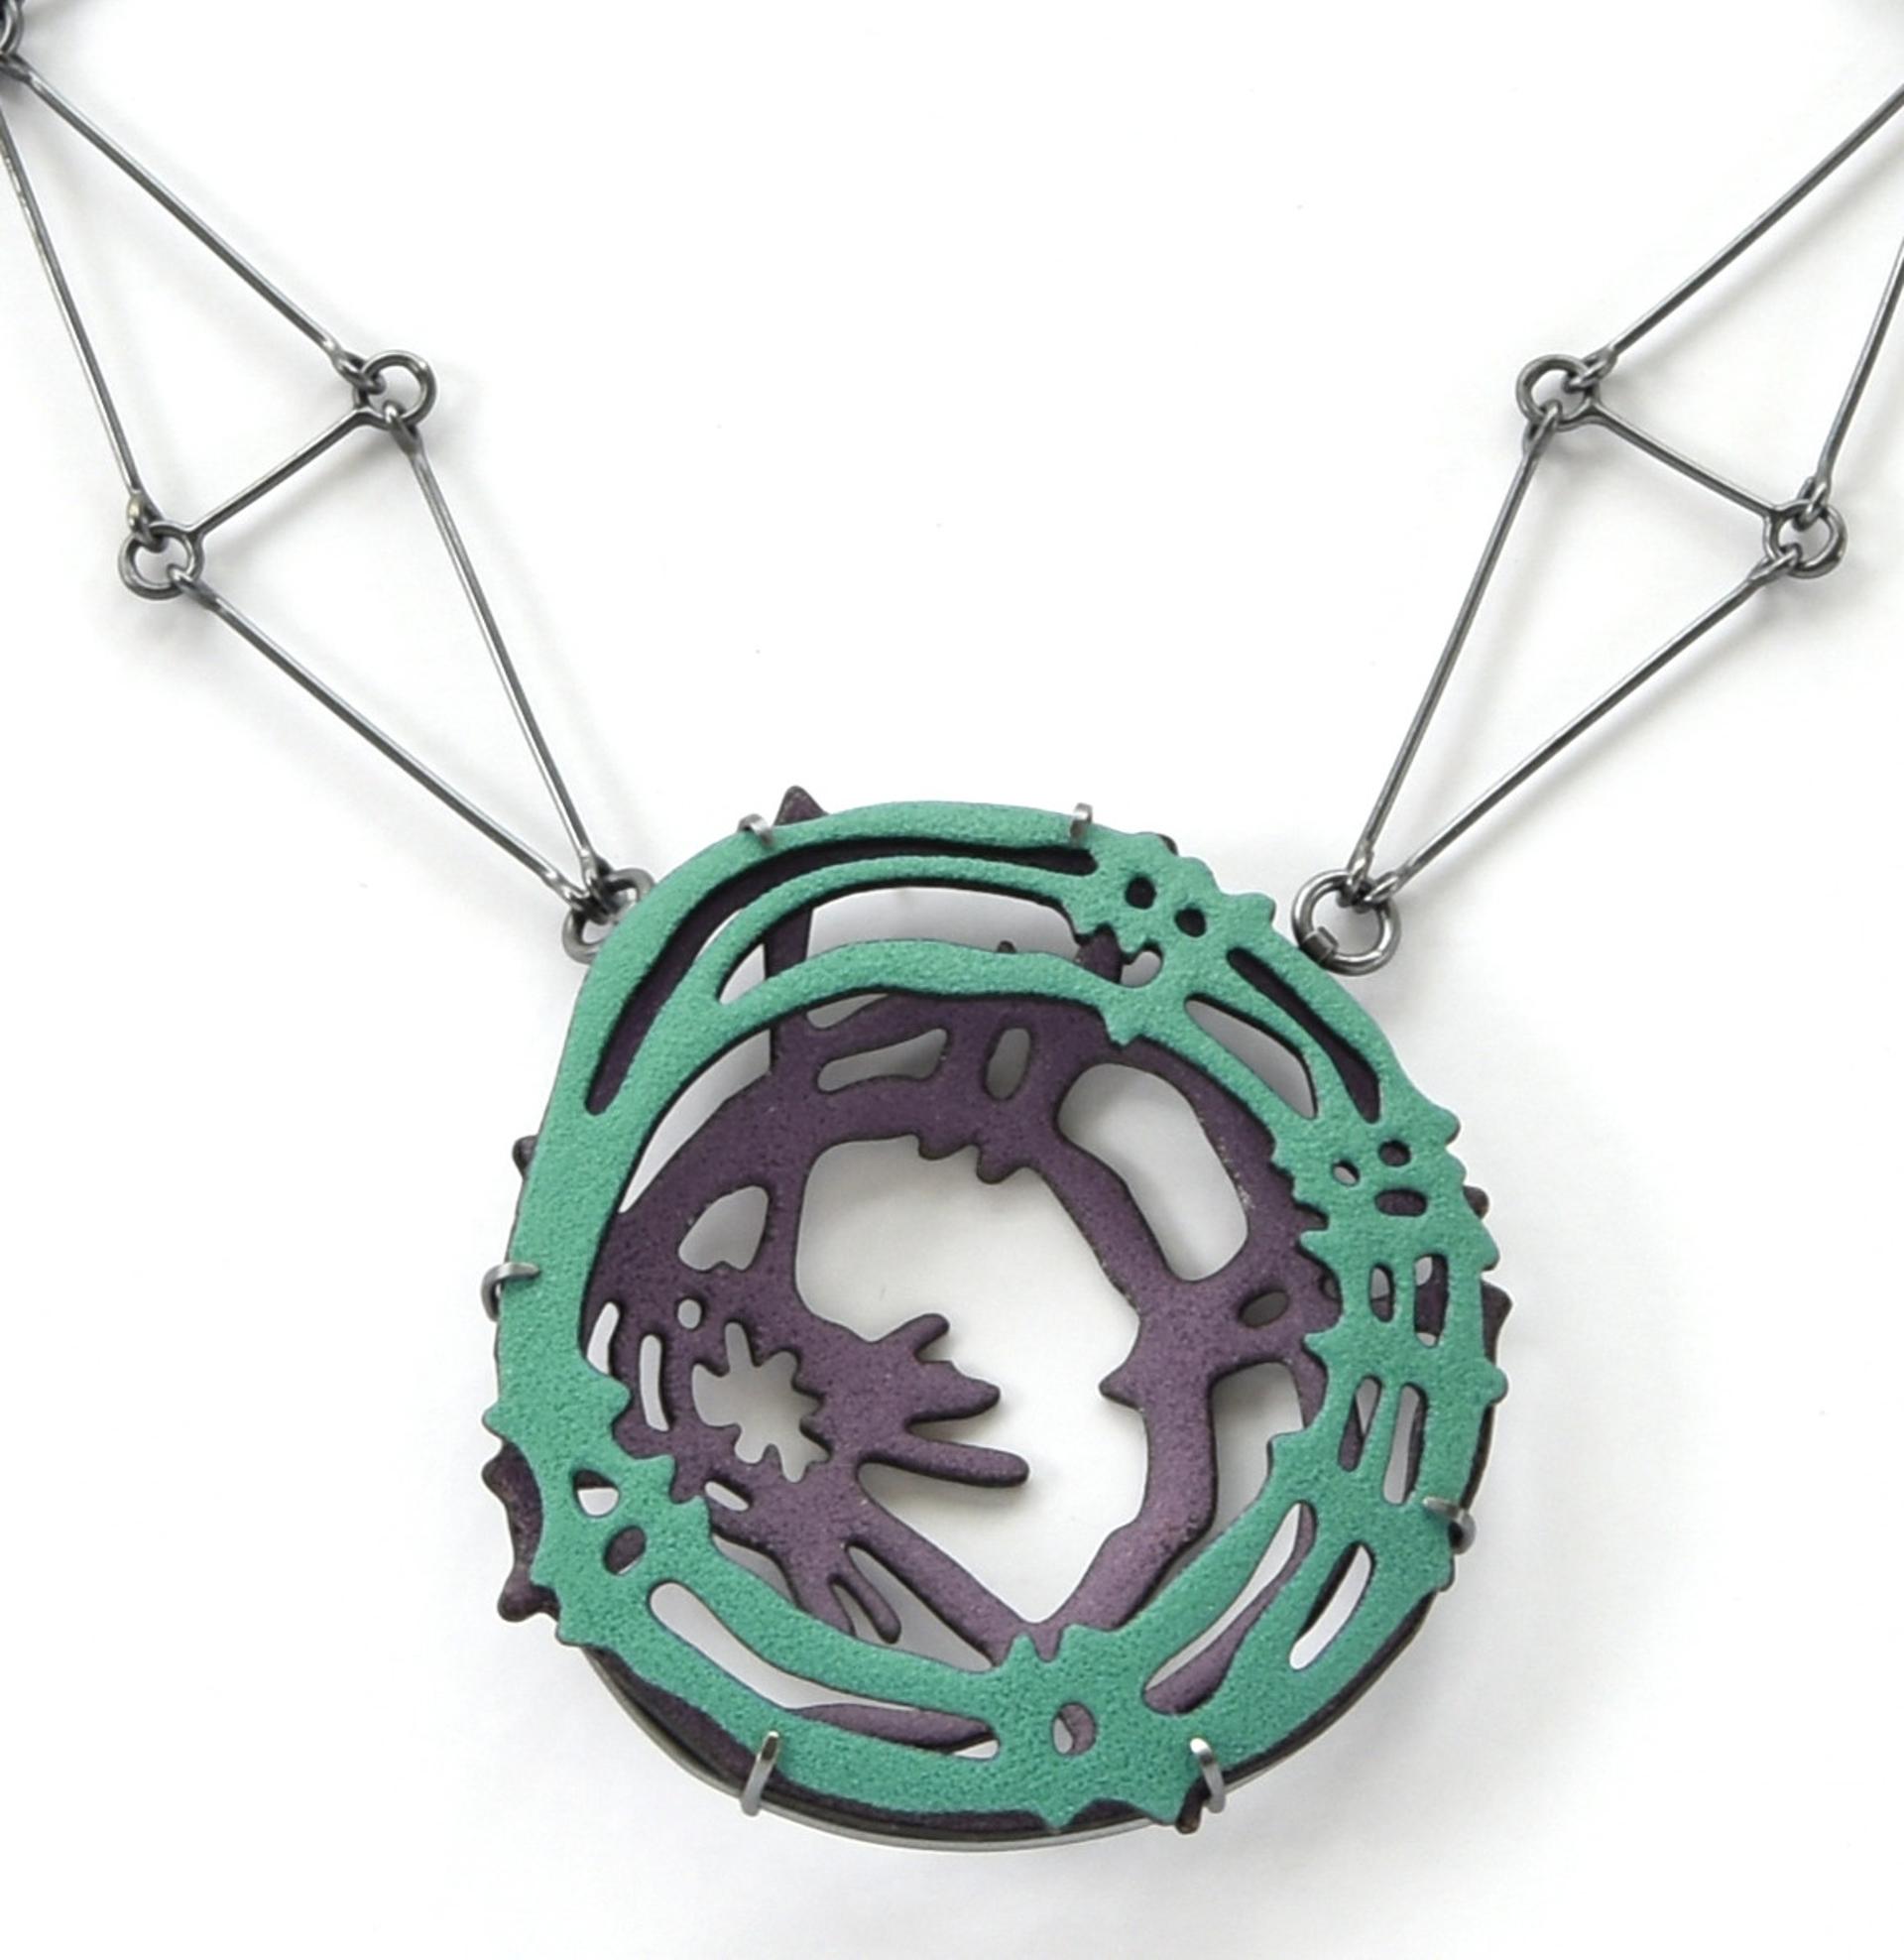 Double Nest Necklace by Joanna Nealey